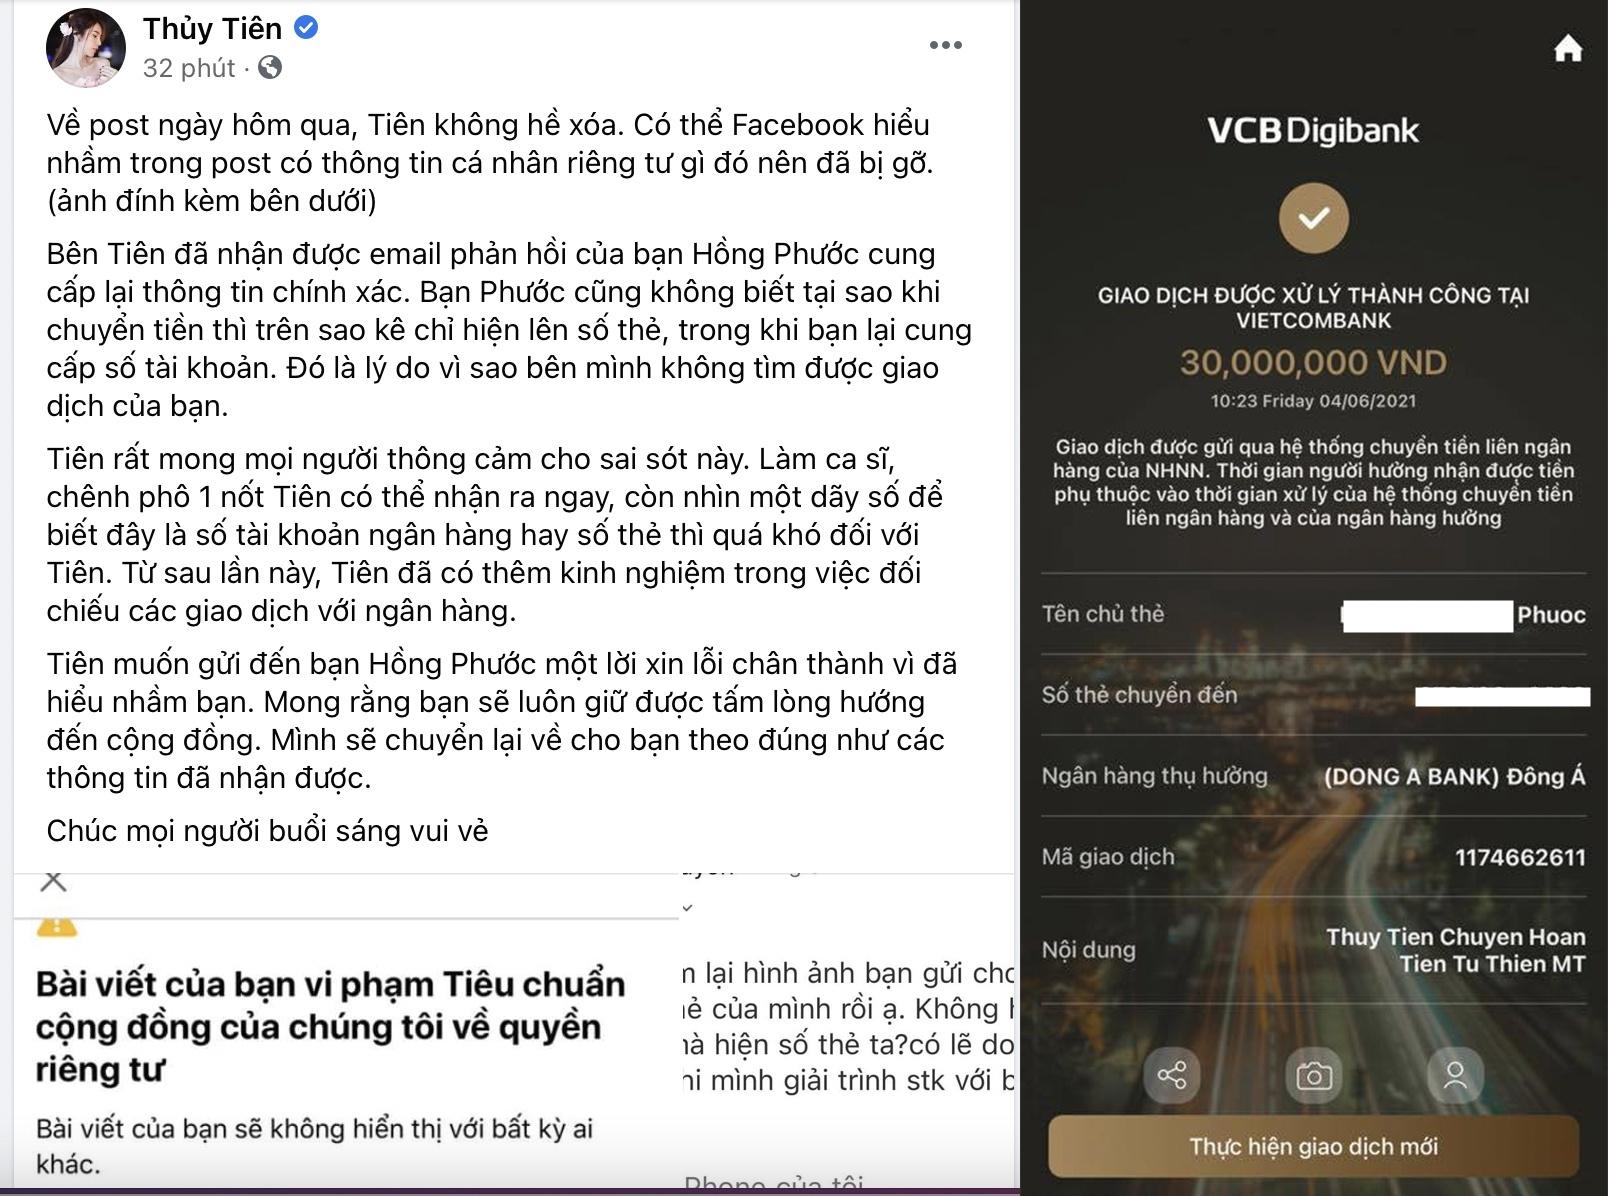 Bài chia sẻ của Thủy Tiên sau những lùm xùm chuyển nhầm tiền từ thiện.